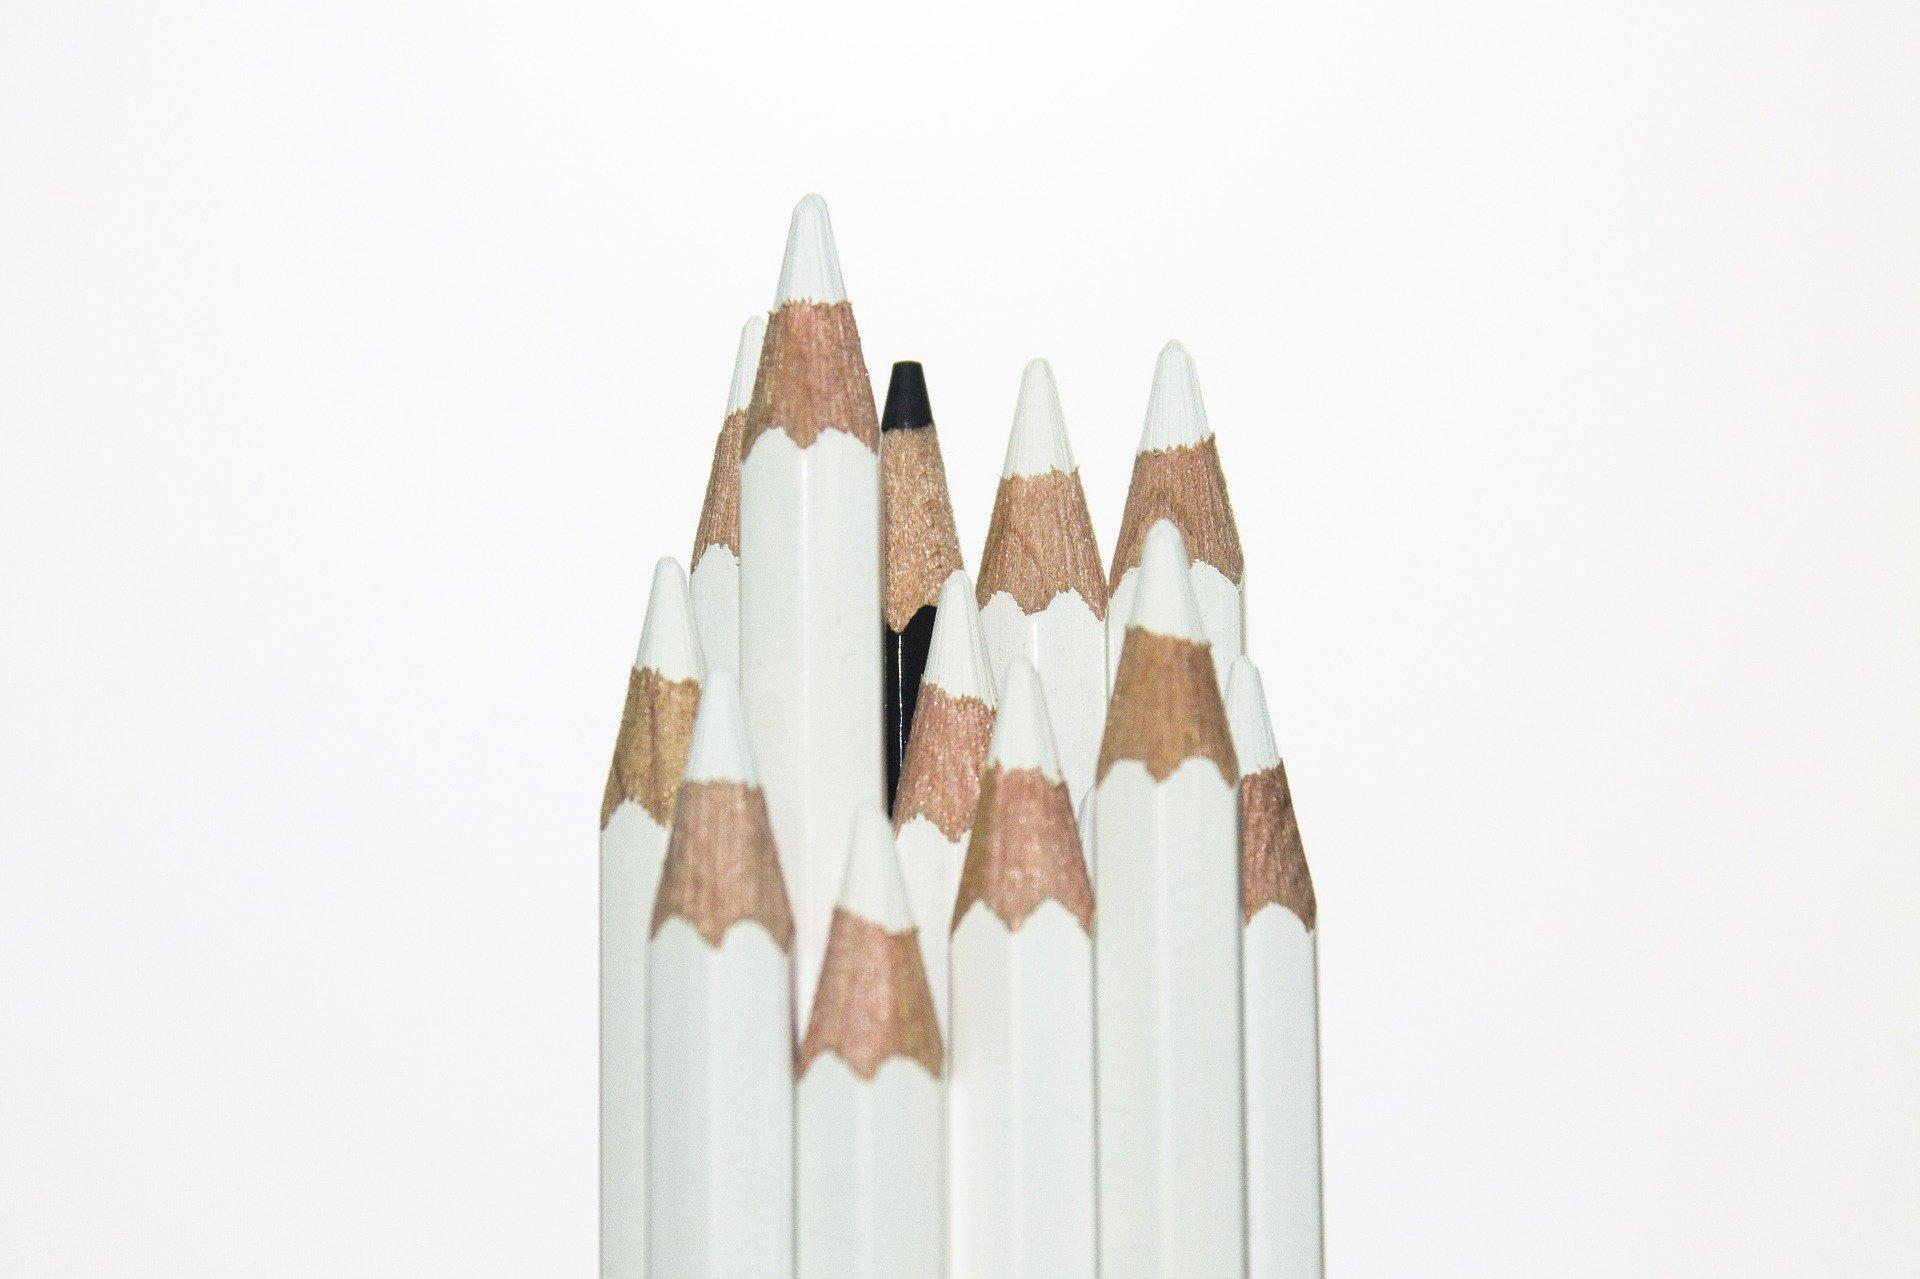 pencil-1385100_1920